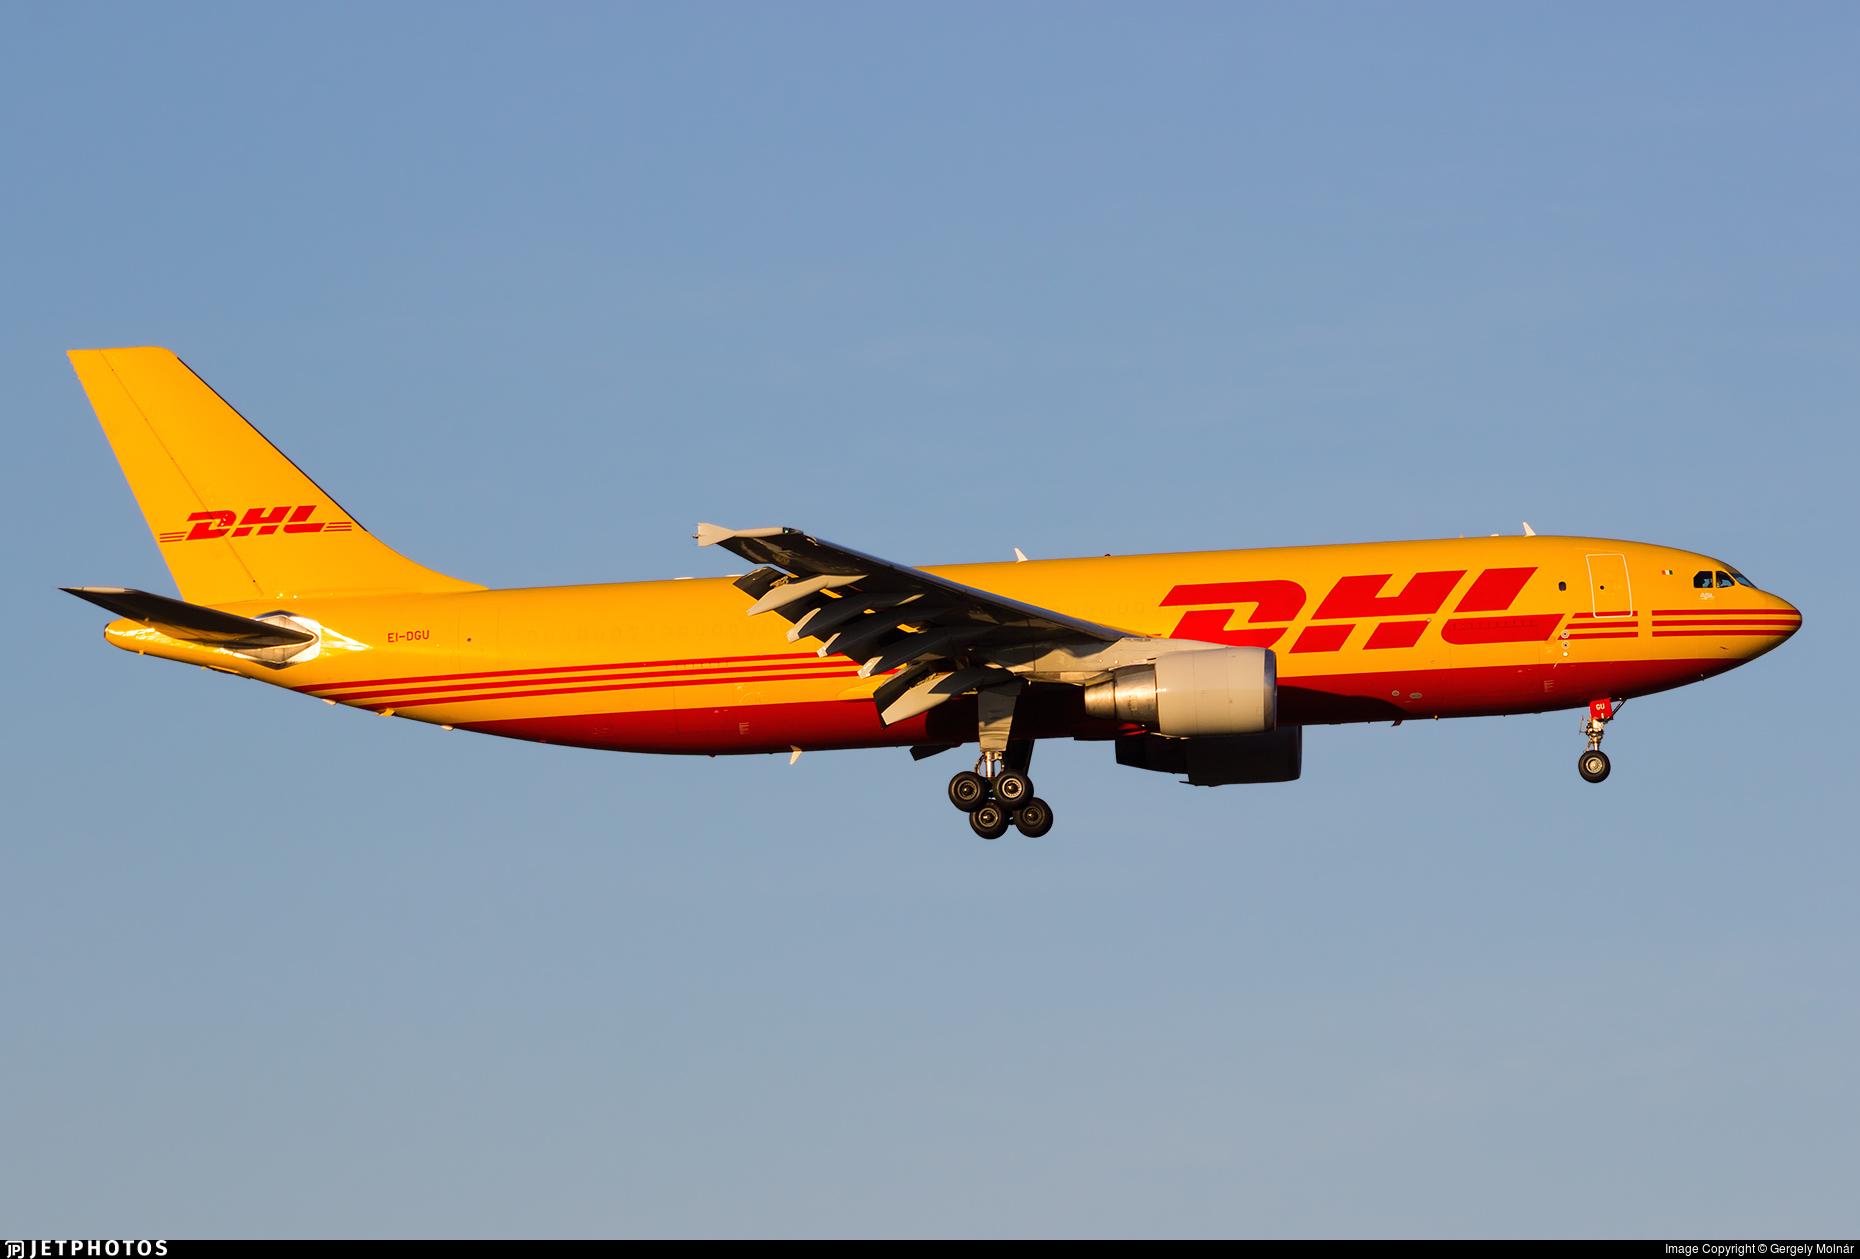 EI-DGU - Airbus A300B4-622R(F) - DHL (ASL Airlines)